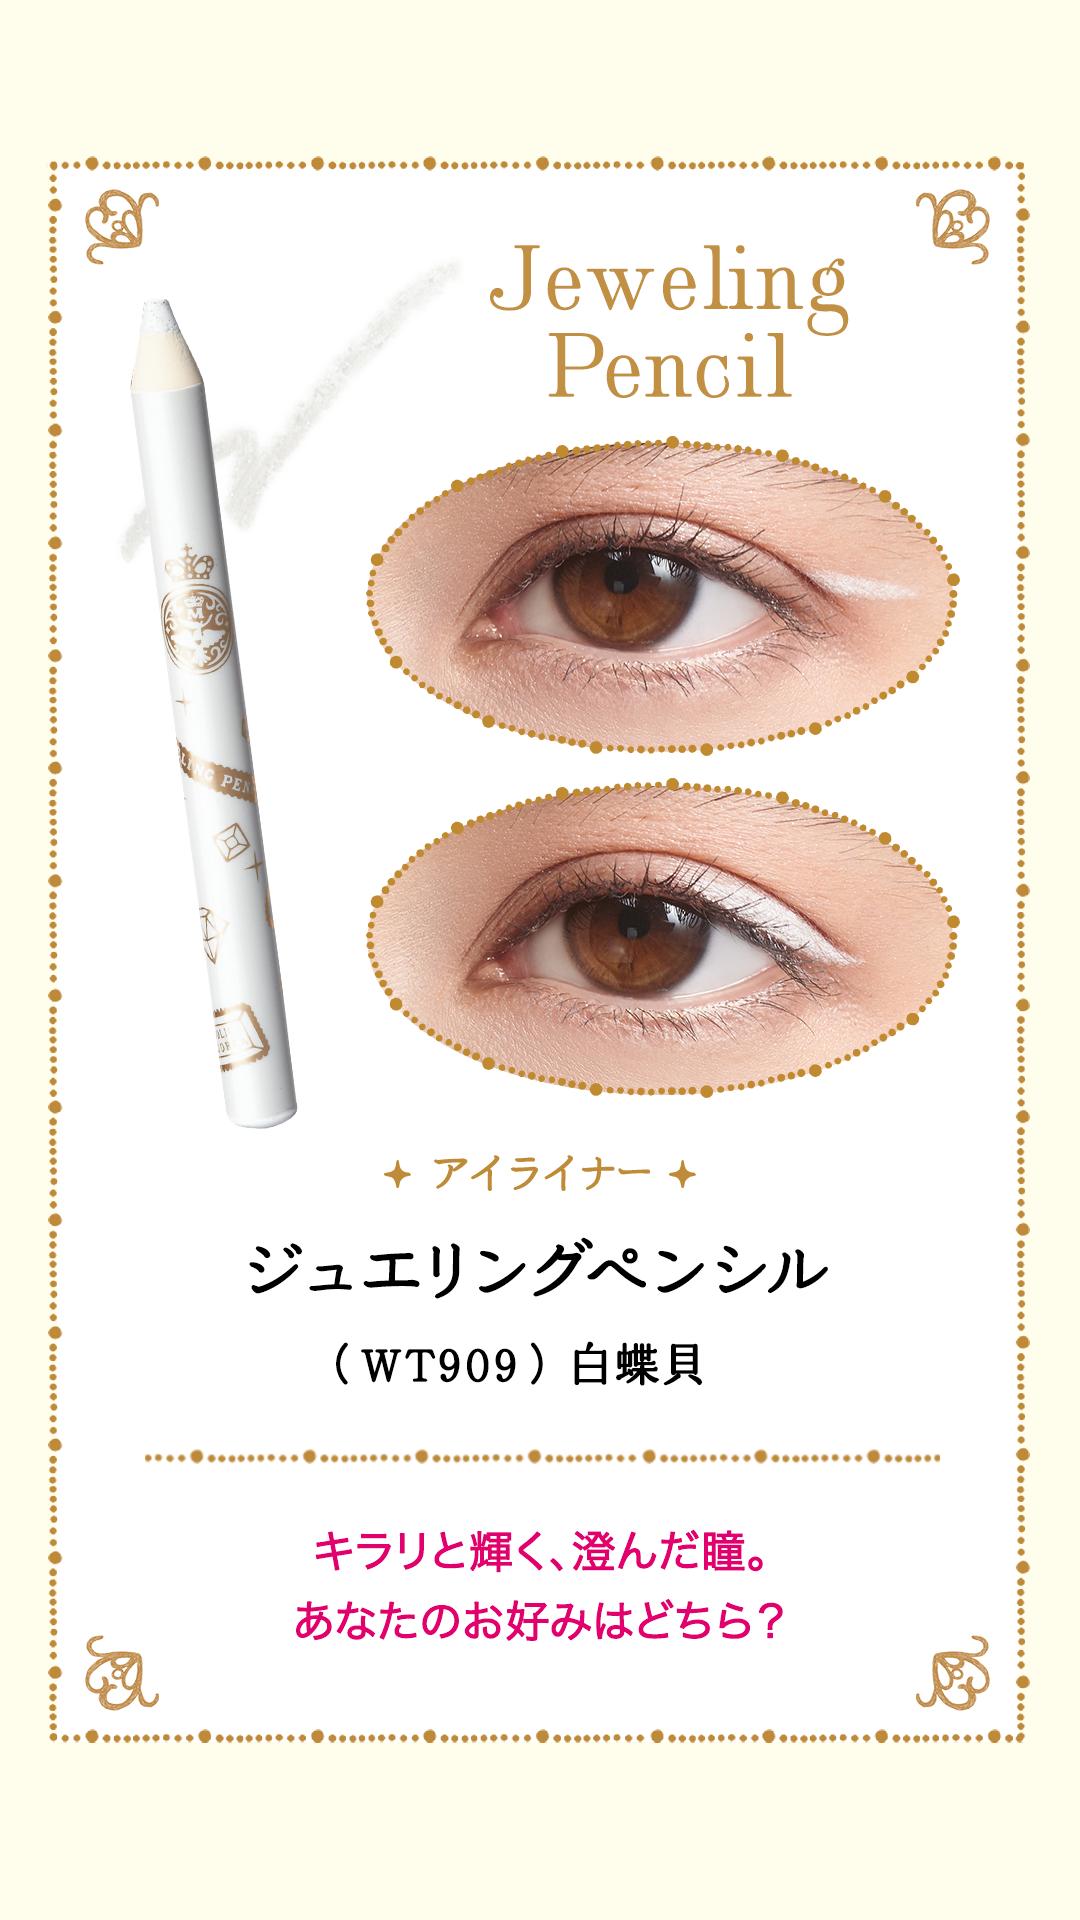 ✦キラリと澄んだ輝きの瞳へ導くテクニック✦ . ラメたっぷりの白いアイライナー、ジュエリングペンシル WT909(白蝶貝)を使ったテクニックをご紹介します。 . 目尻にすっとのせてアクセントに? それとも、しっかりまぶたにのせて楽しむ? アイラインは、引き方をかえるだけで印象が自由自在に演出できます。ぜひお試しを。 . 商品の詳細はブランドサイトへ https://www.shiseido.co.jp/mj/items/eyeliner/  #マジョリカマジョルカ #マジョマジョ #majolicamajorca #プチプラ #コスメ #プチプラコスメ #cosme #cosmetics #アイライナー #アイライン